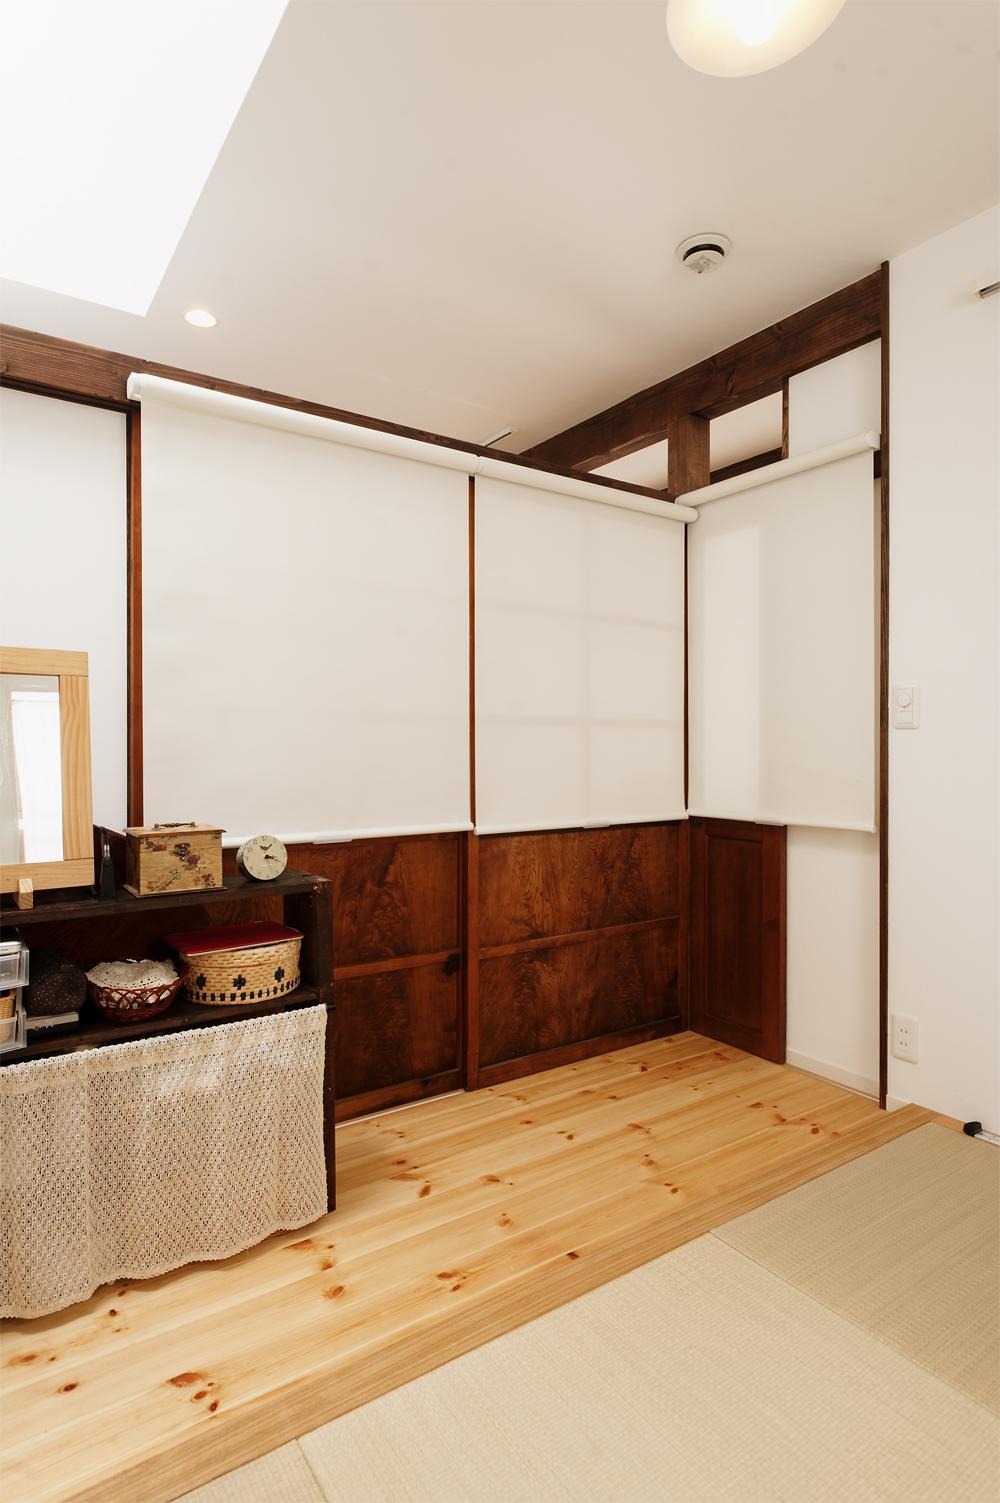 T邸・家族のくらしをより楽しく豊かにするとっておきの家の部屋 キッチン隣の畳コーナー-closed